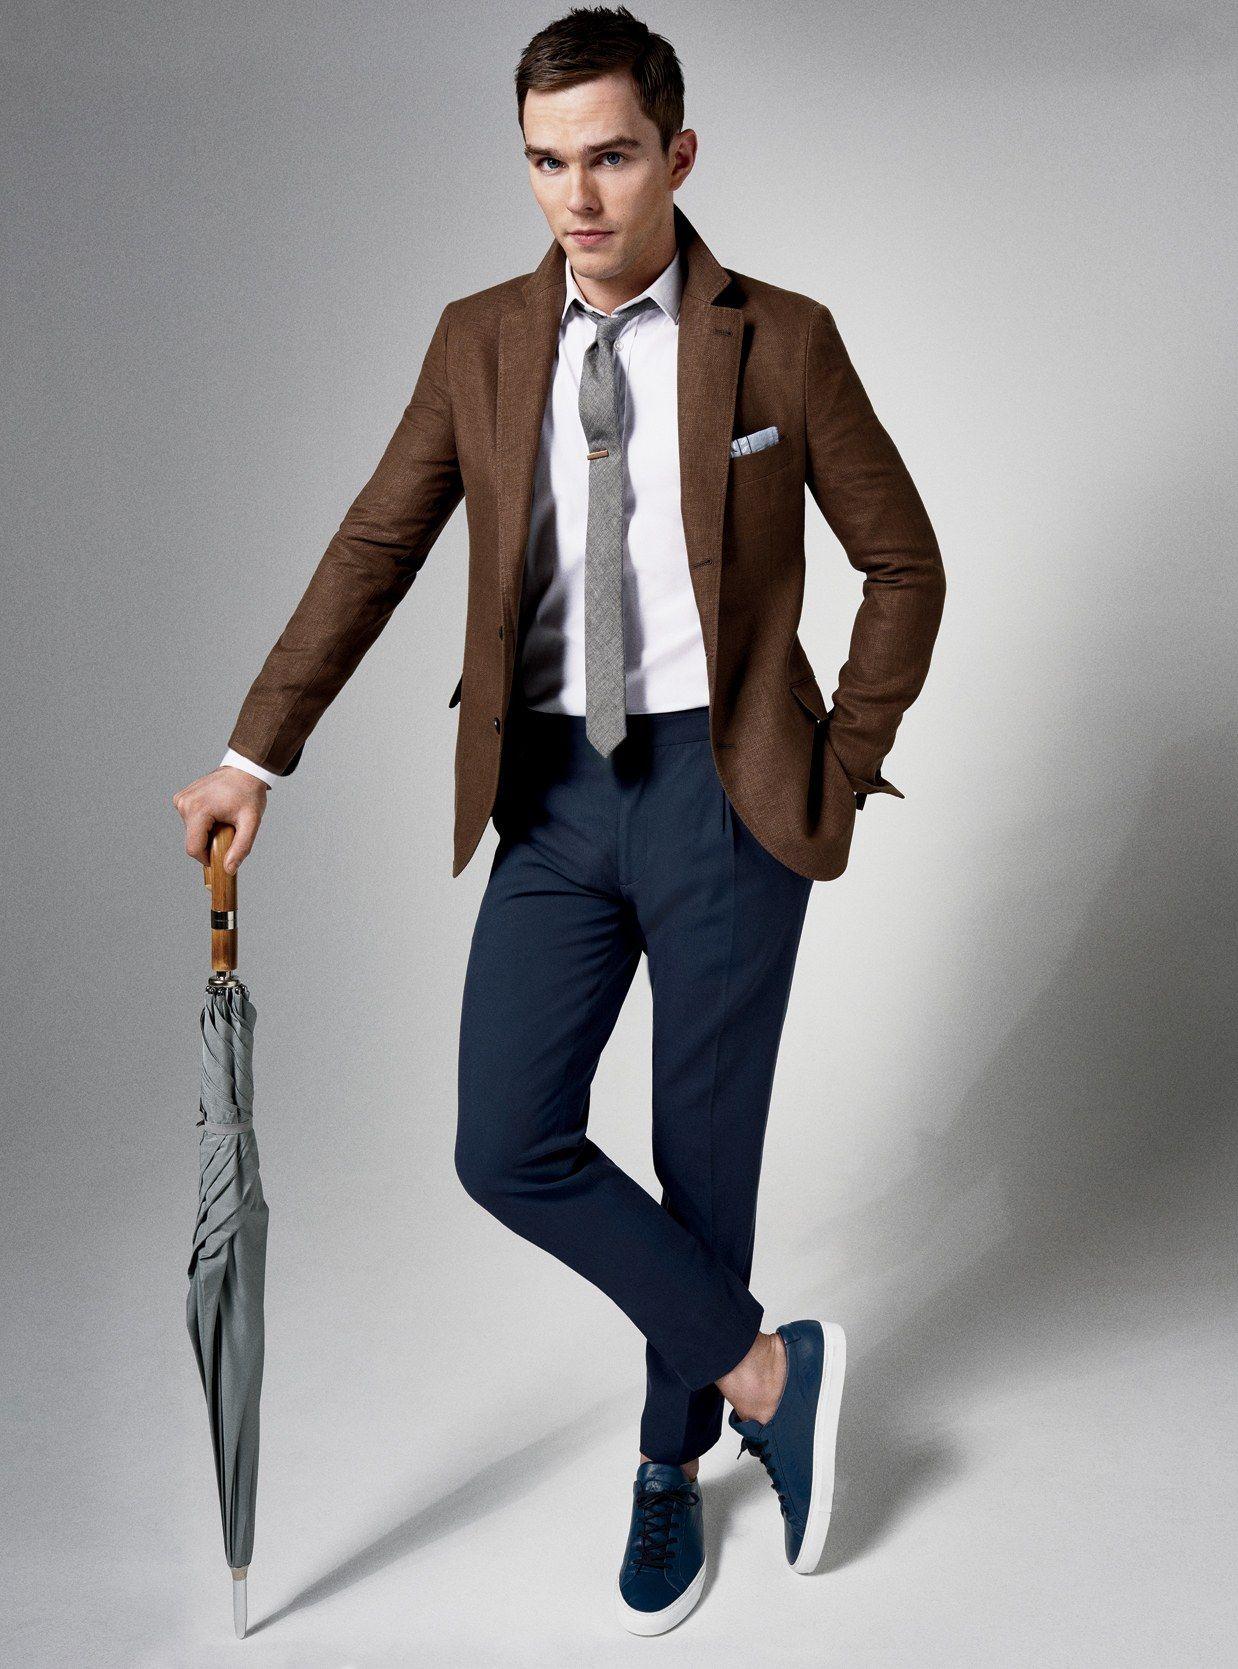 Chàng trai mặc đẹp với blazer nâu và quần tây xanh navy.